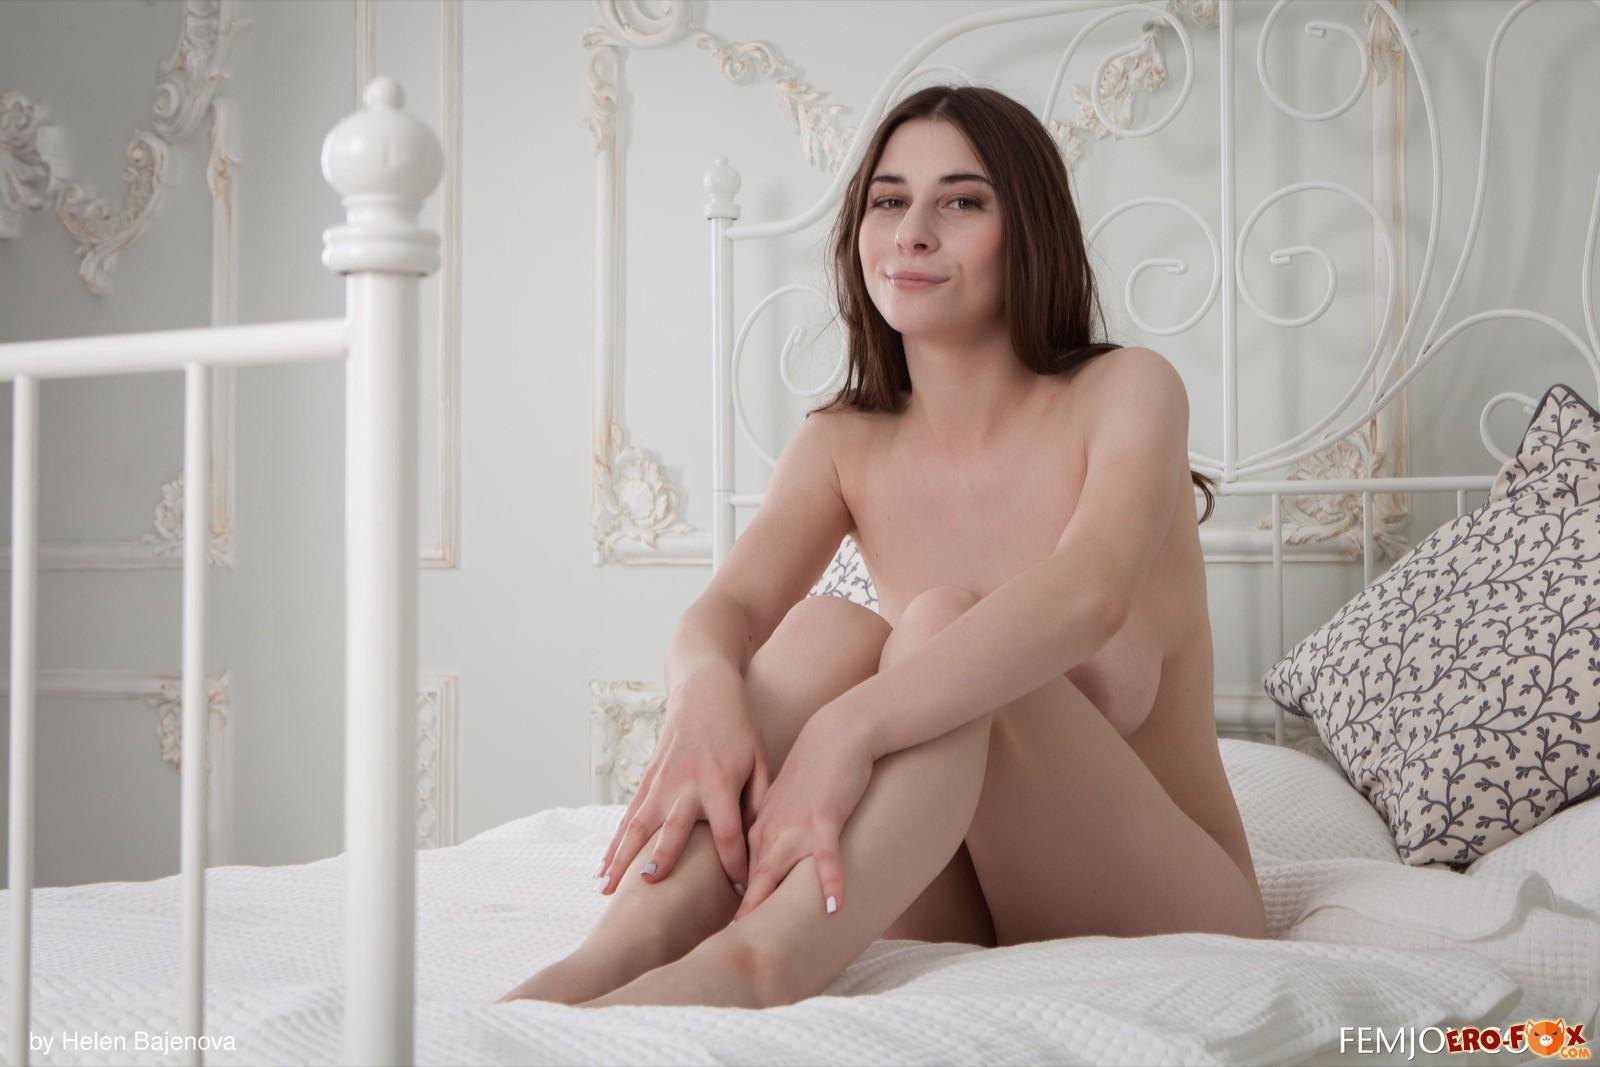 Нагая милашка с крупными висячими сиськами в постели - фото